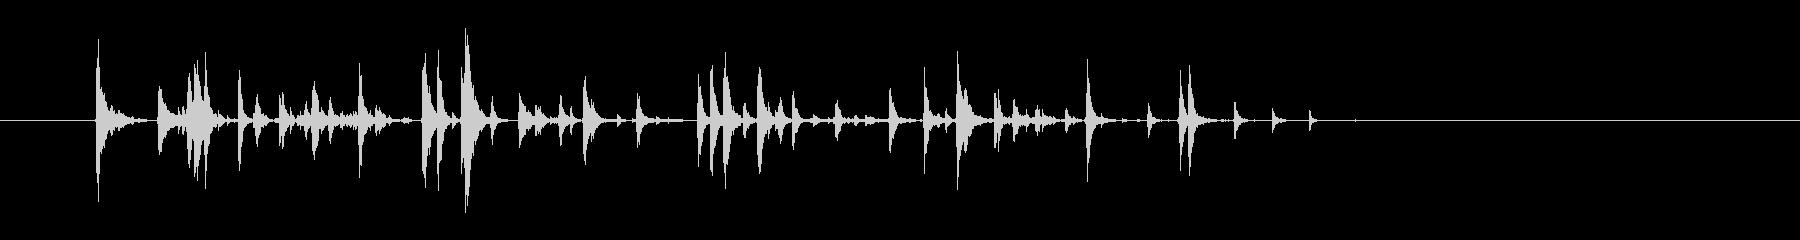 金属の弾丸ドロップ、武器0_00_08の未再生の波形